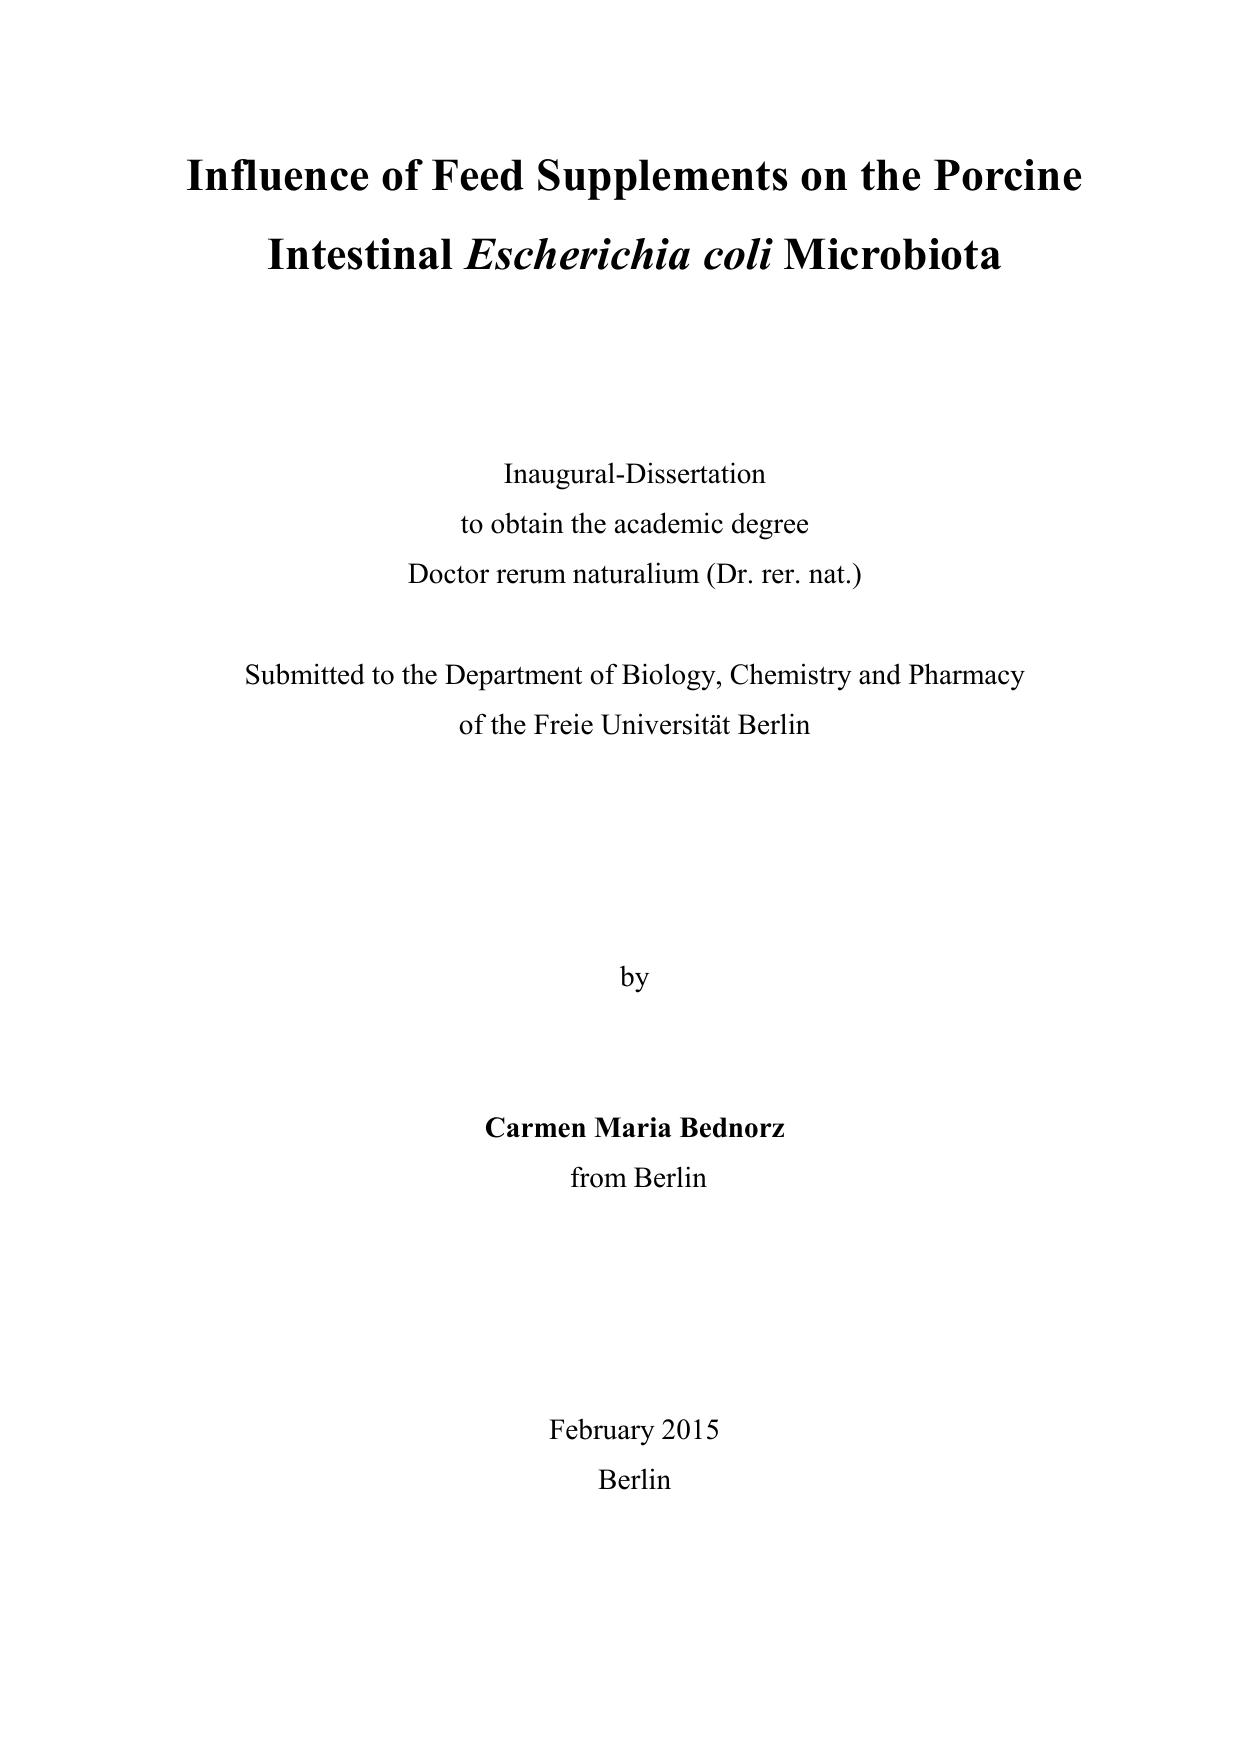 dissertation fu berlin vetmed